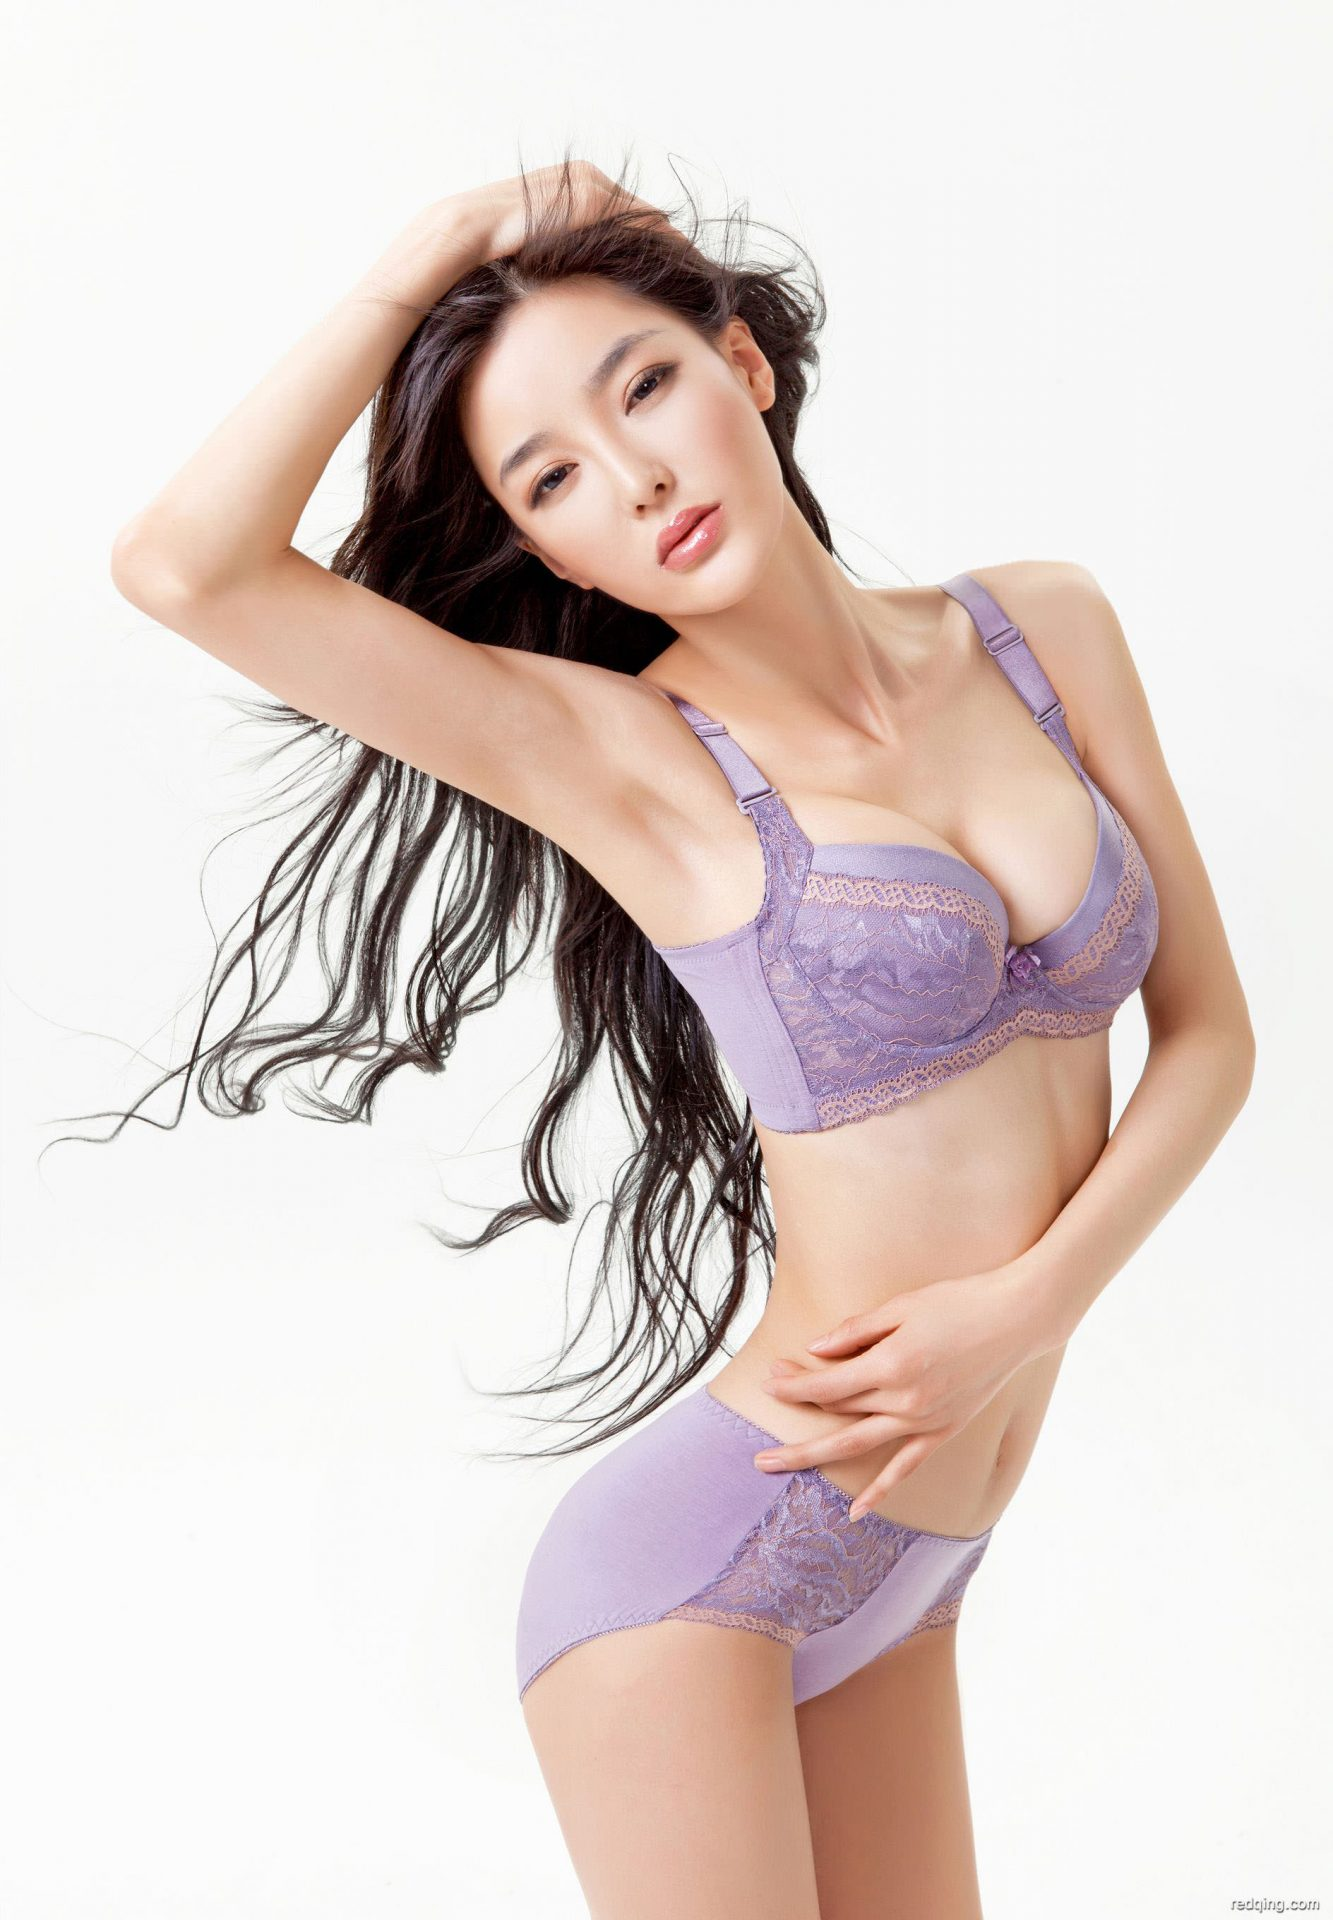 三次元 3次元 エロ画像 紫 ランジェリー 下着 べっぴん娘通信 19